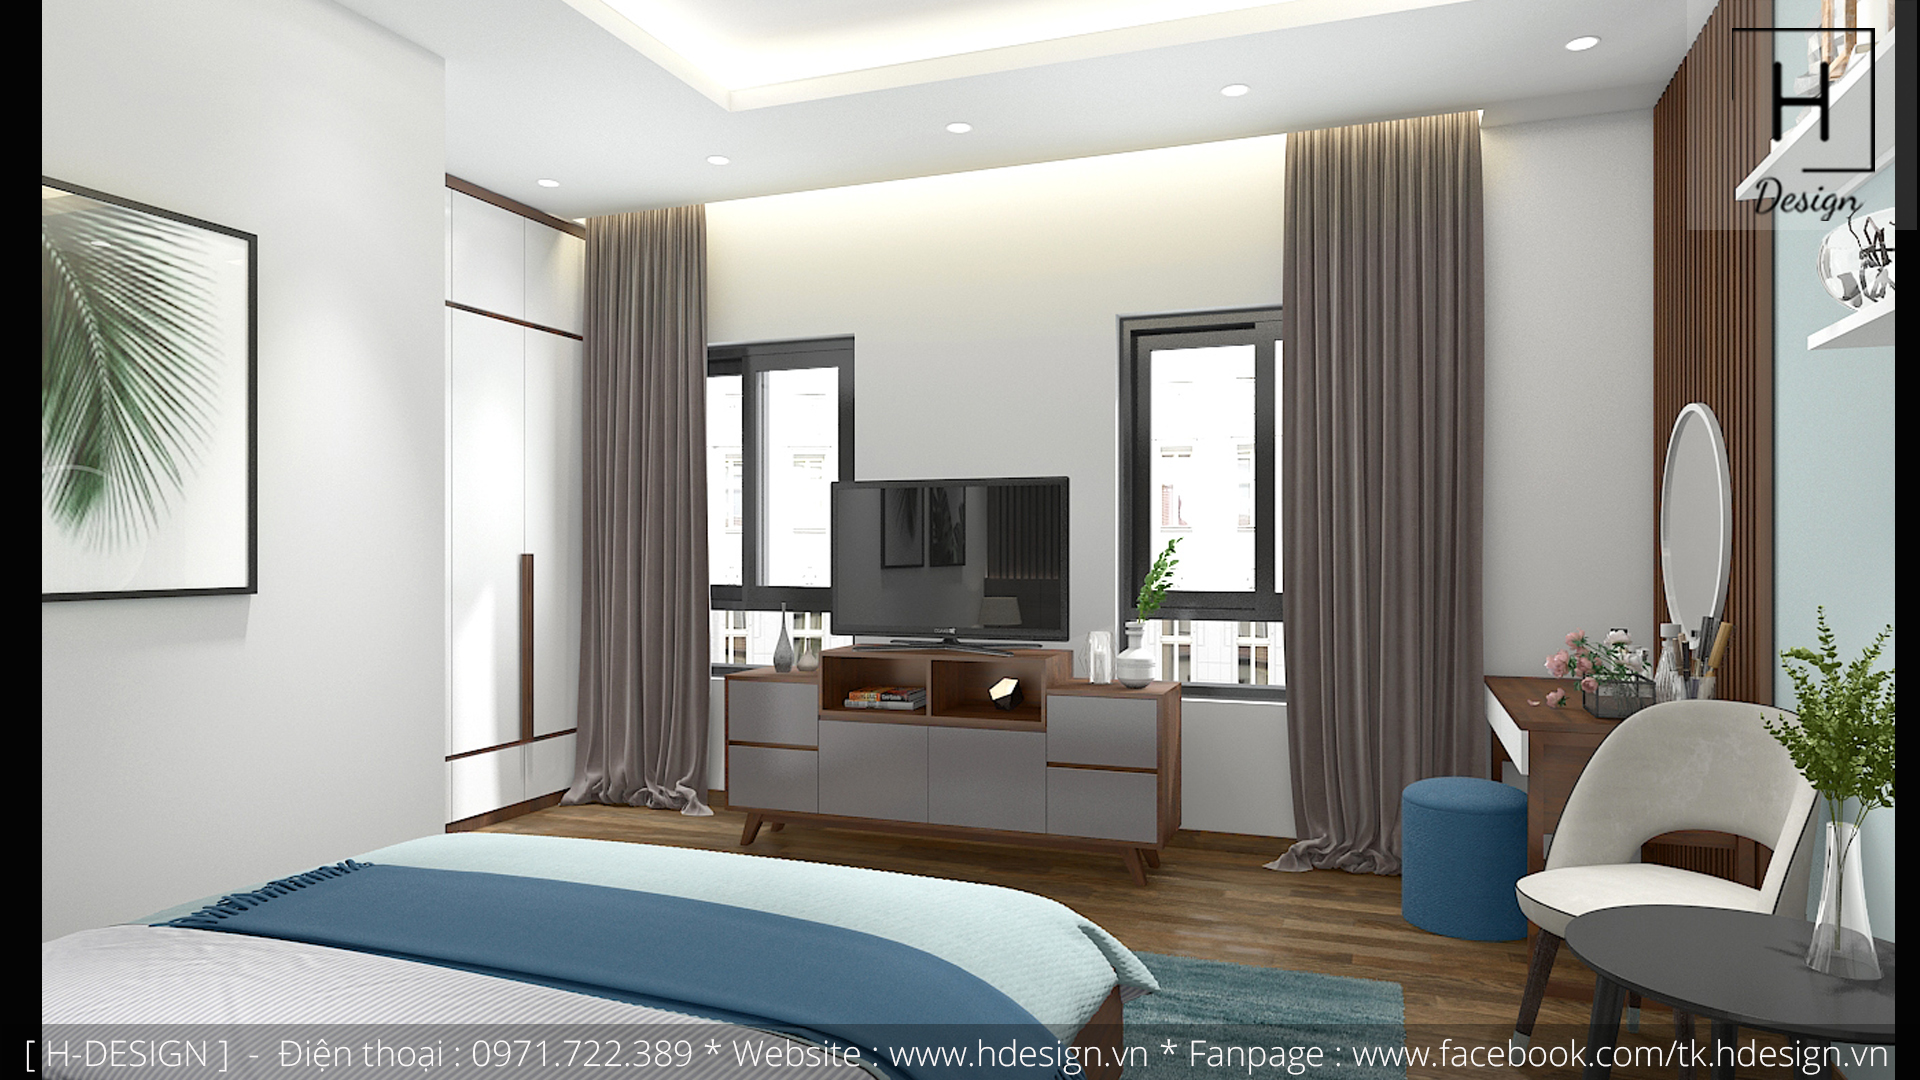 Thiết kế thi công nội thất nhà phố đẹp tại Tây Hồ - Hà Nội 10